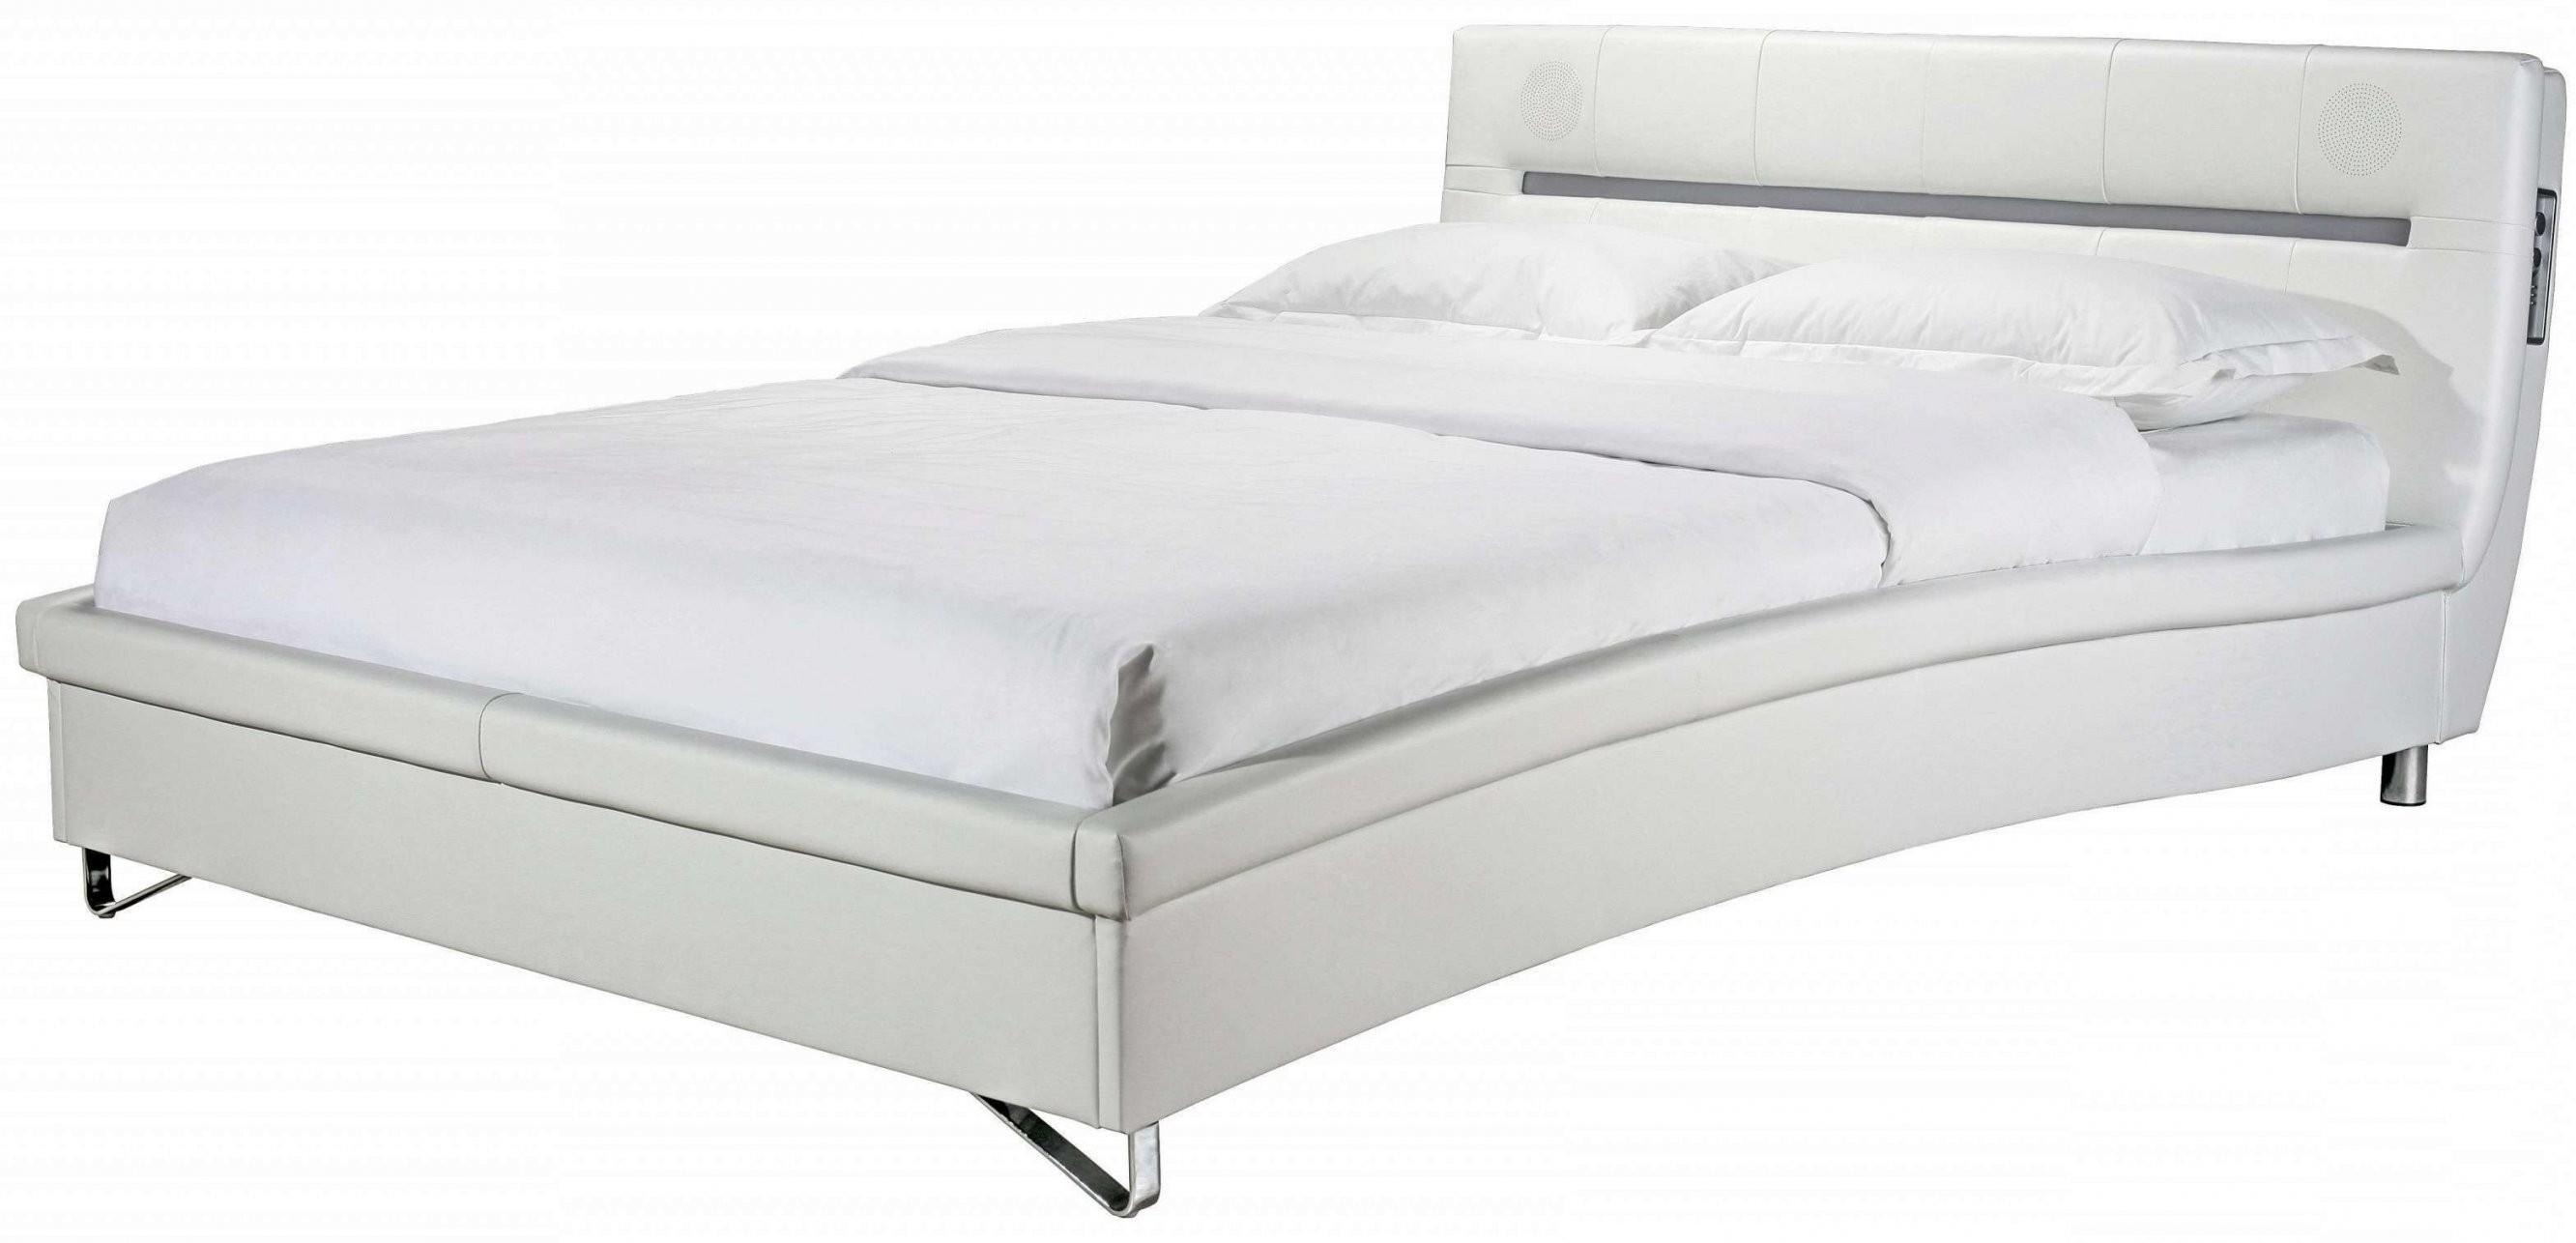 Großartig 46 Ansichten Von Roller Betten 160X200  Einrichtungsideen von Roller Betten 160X200 Photo